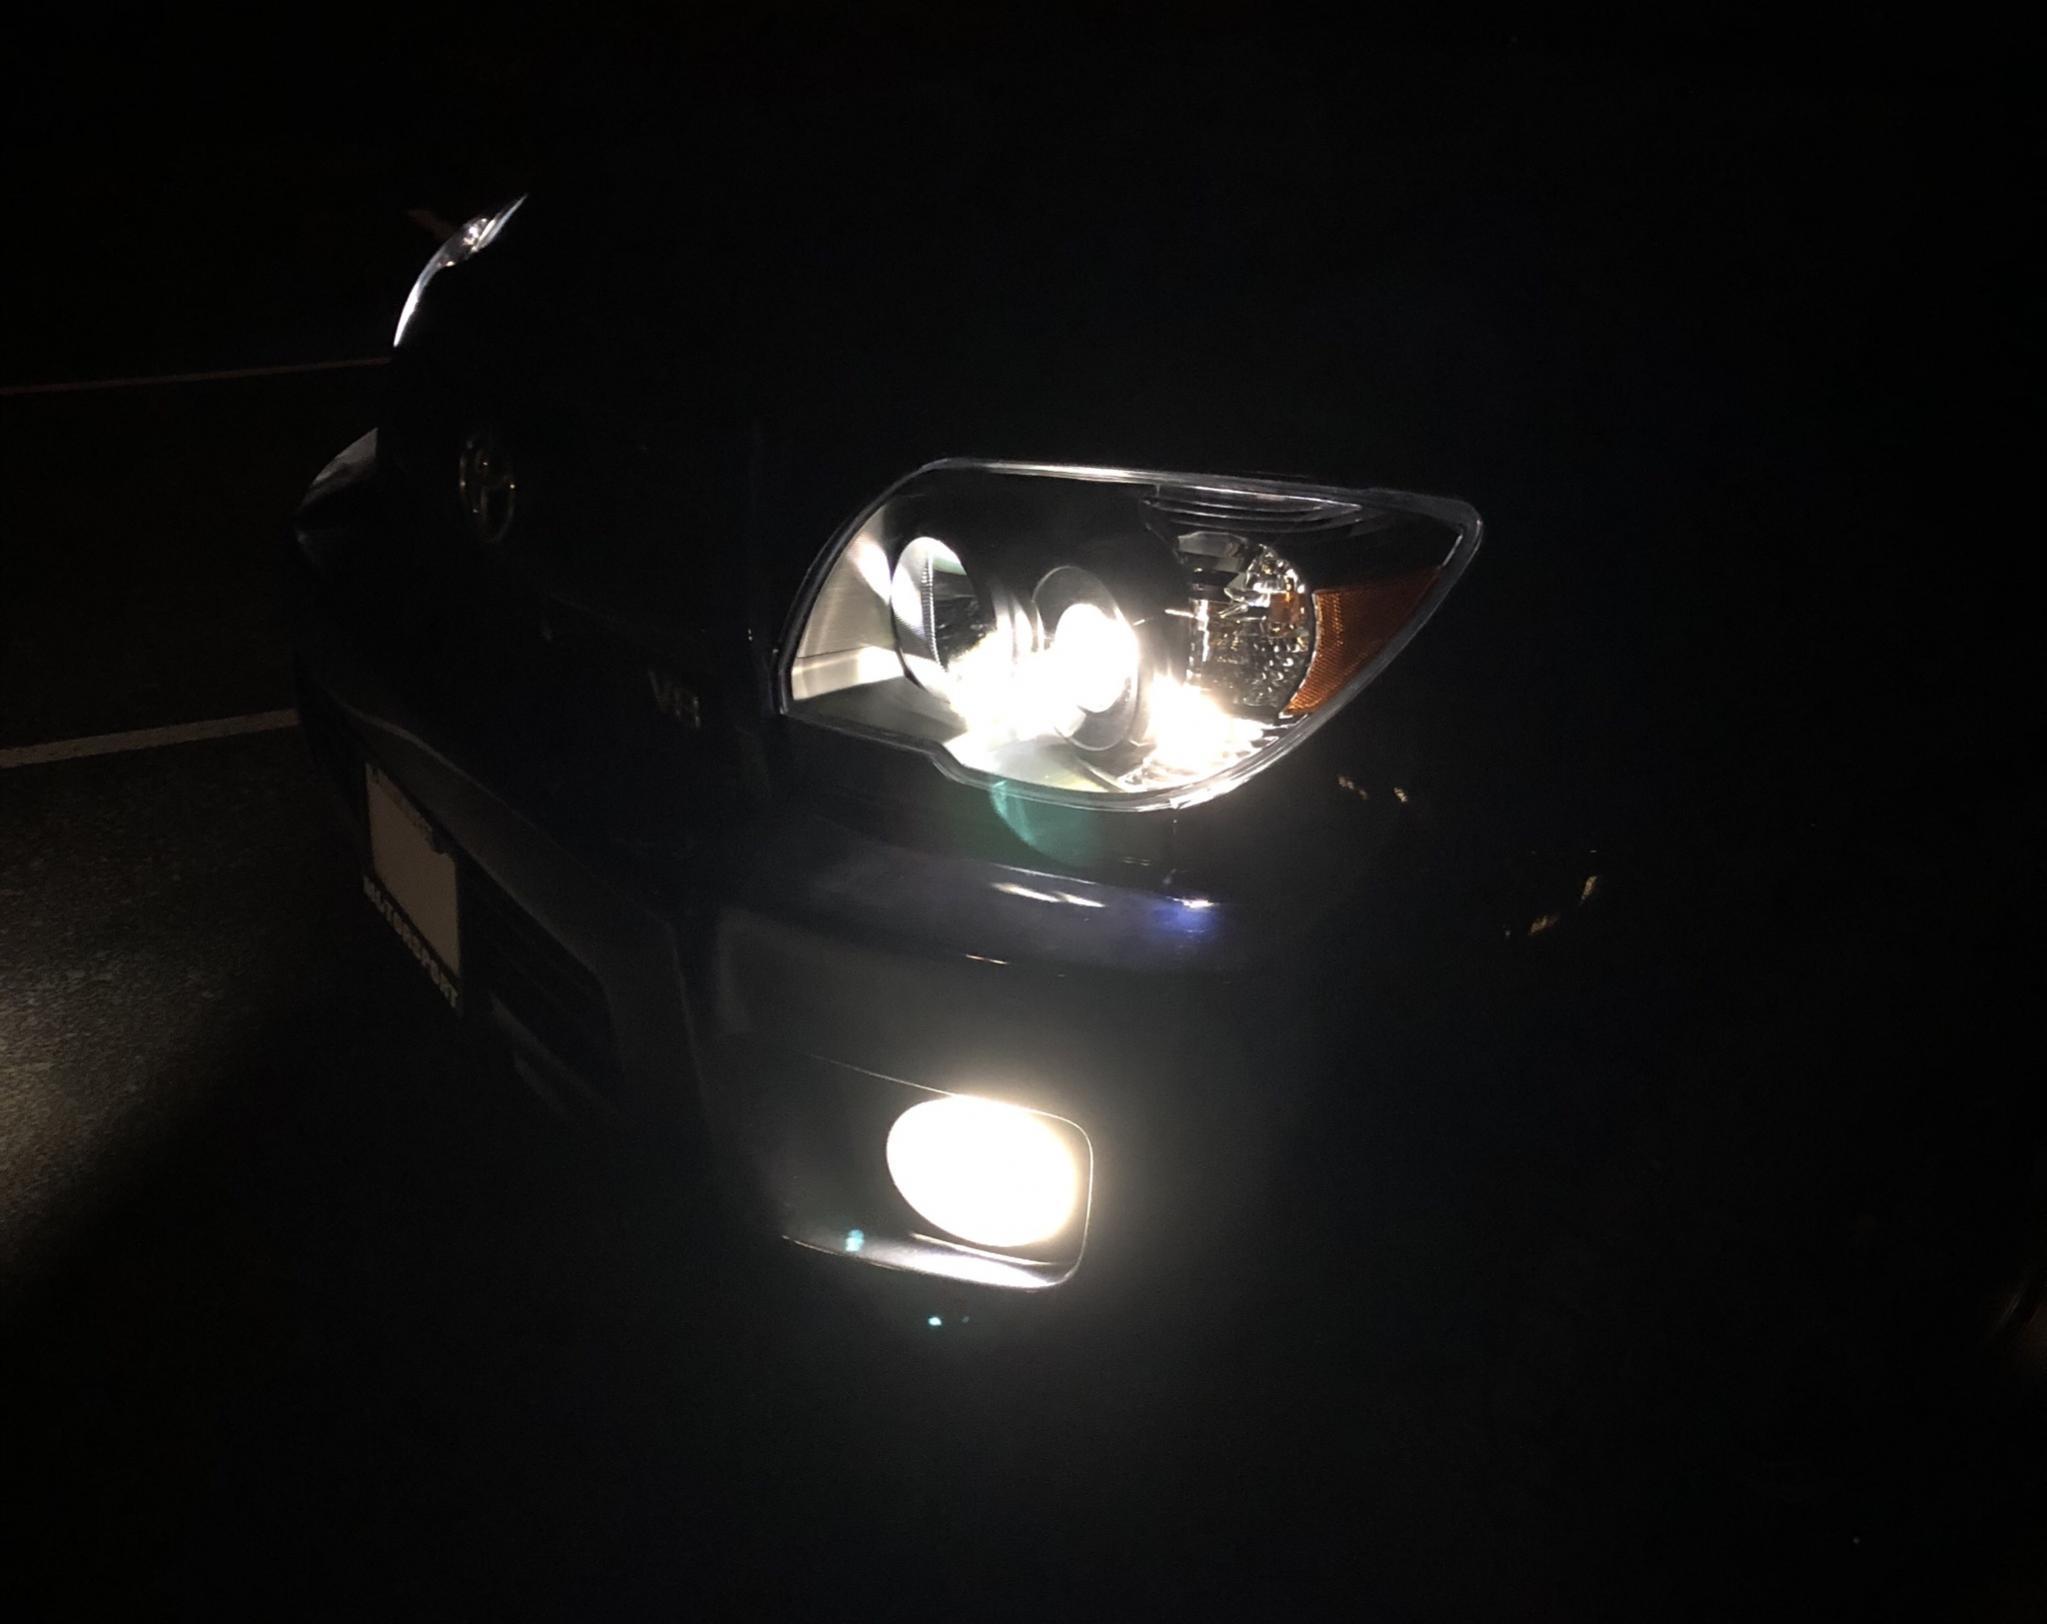 06-09 LED headlight bulbs. MUST TRY list-fe60cde3-71c1-467f-a2c4-2d99cbd6ce12-jpg